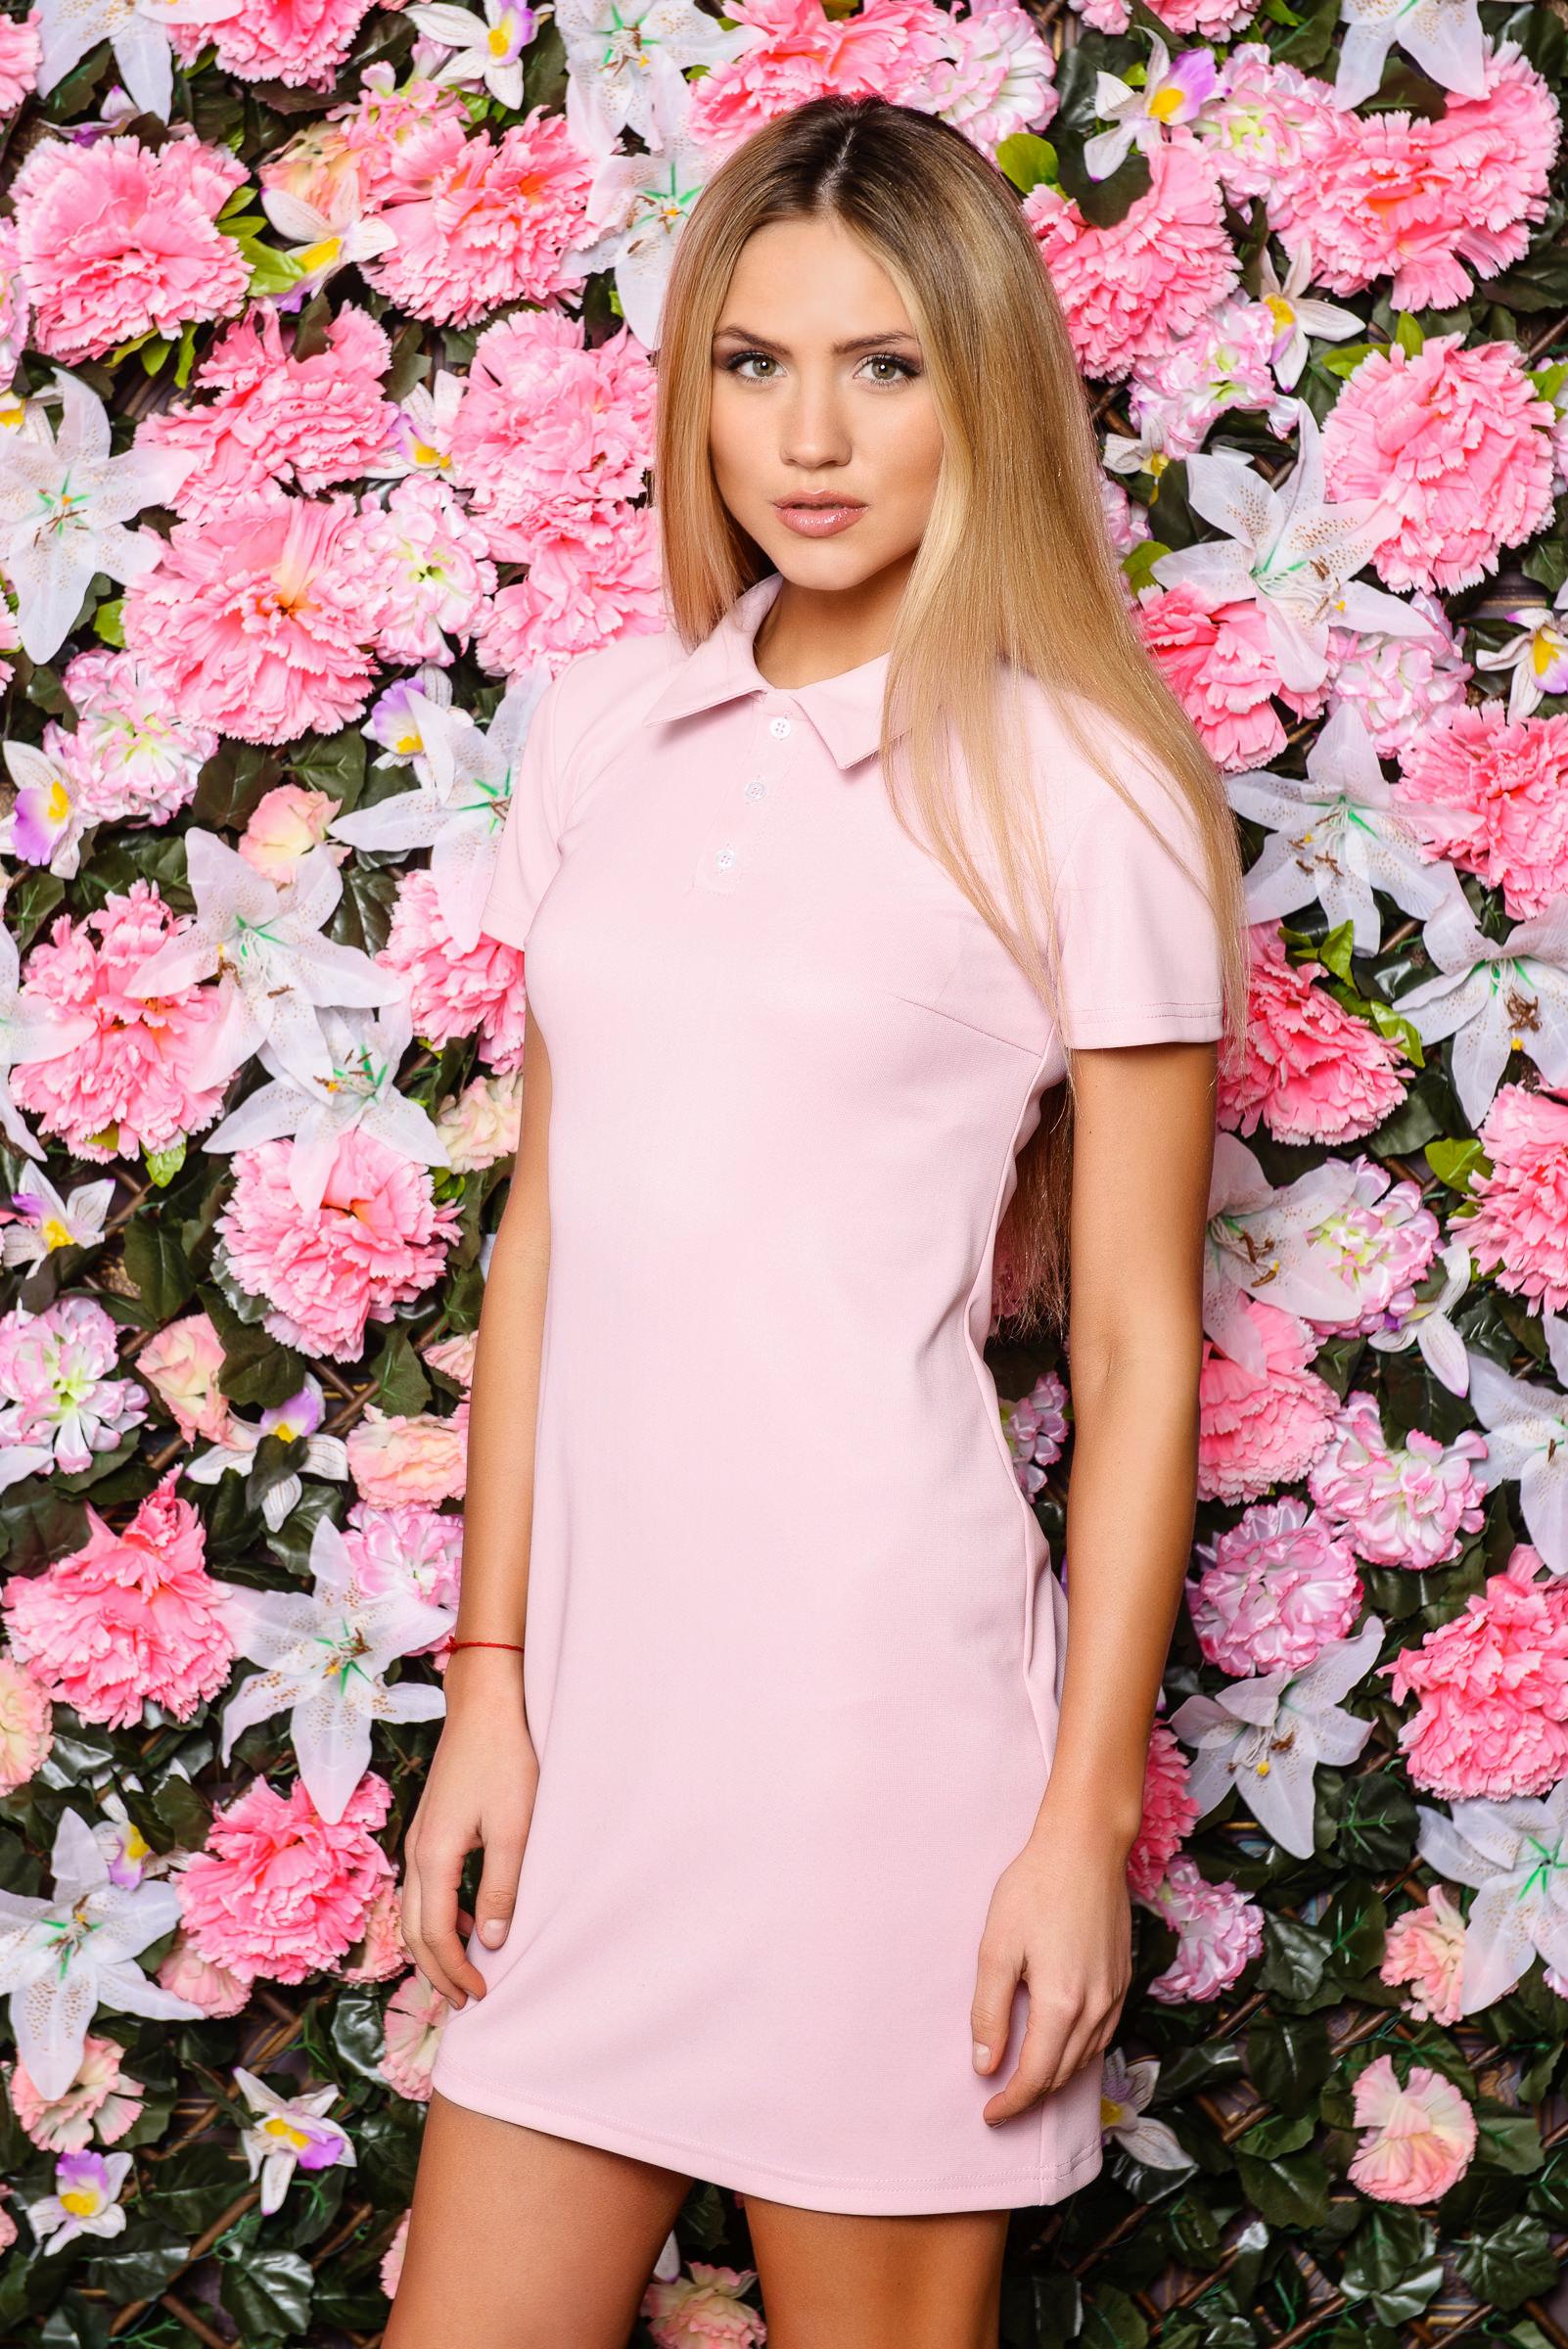 Фасон платья поло, розовое платье в спортивном стиле. Модель платье поло 2020